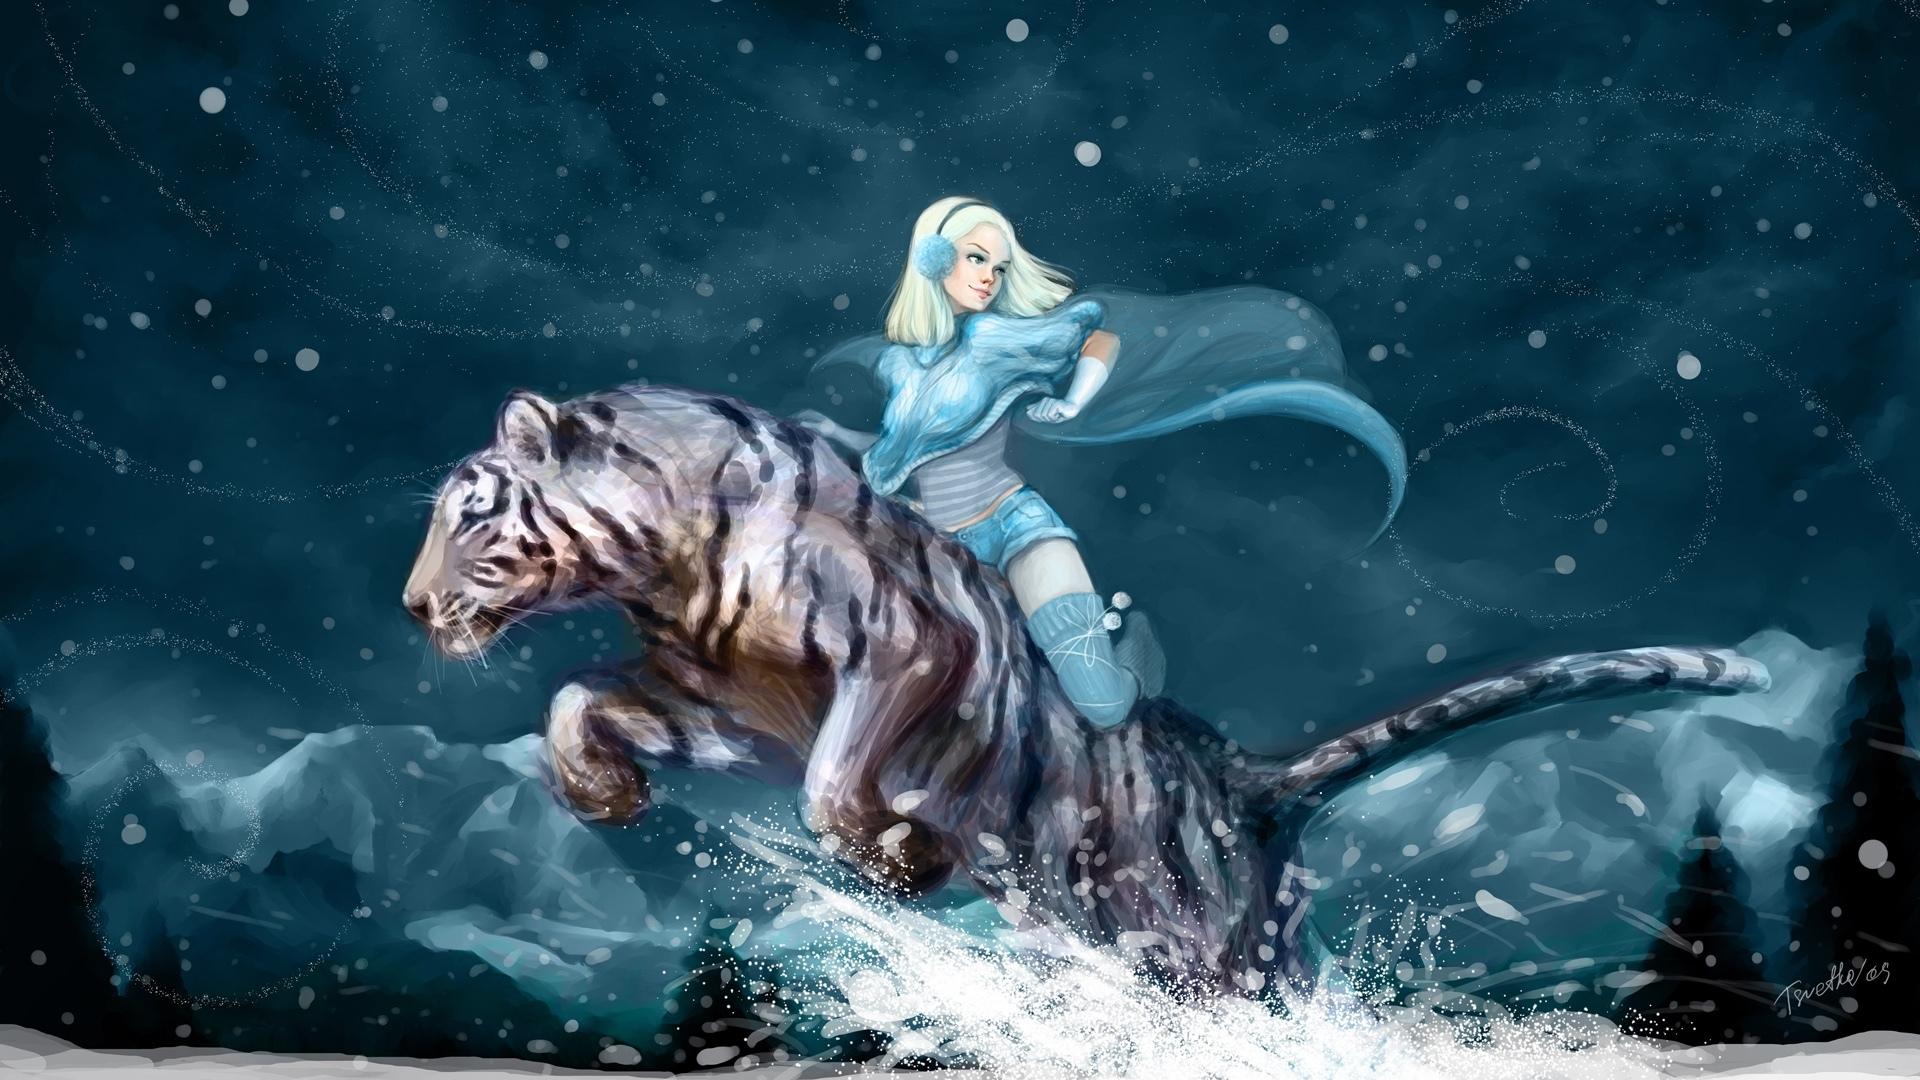 3D Tiger Wallpaper - WallpaperSafari